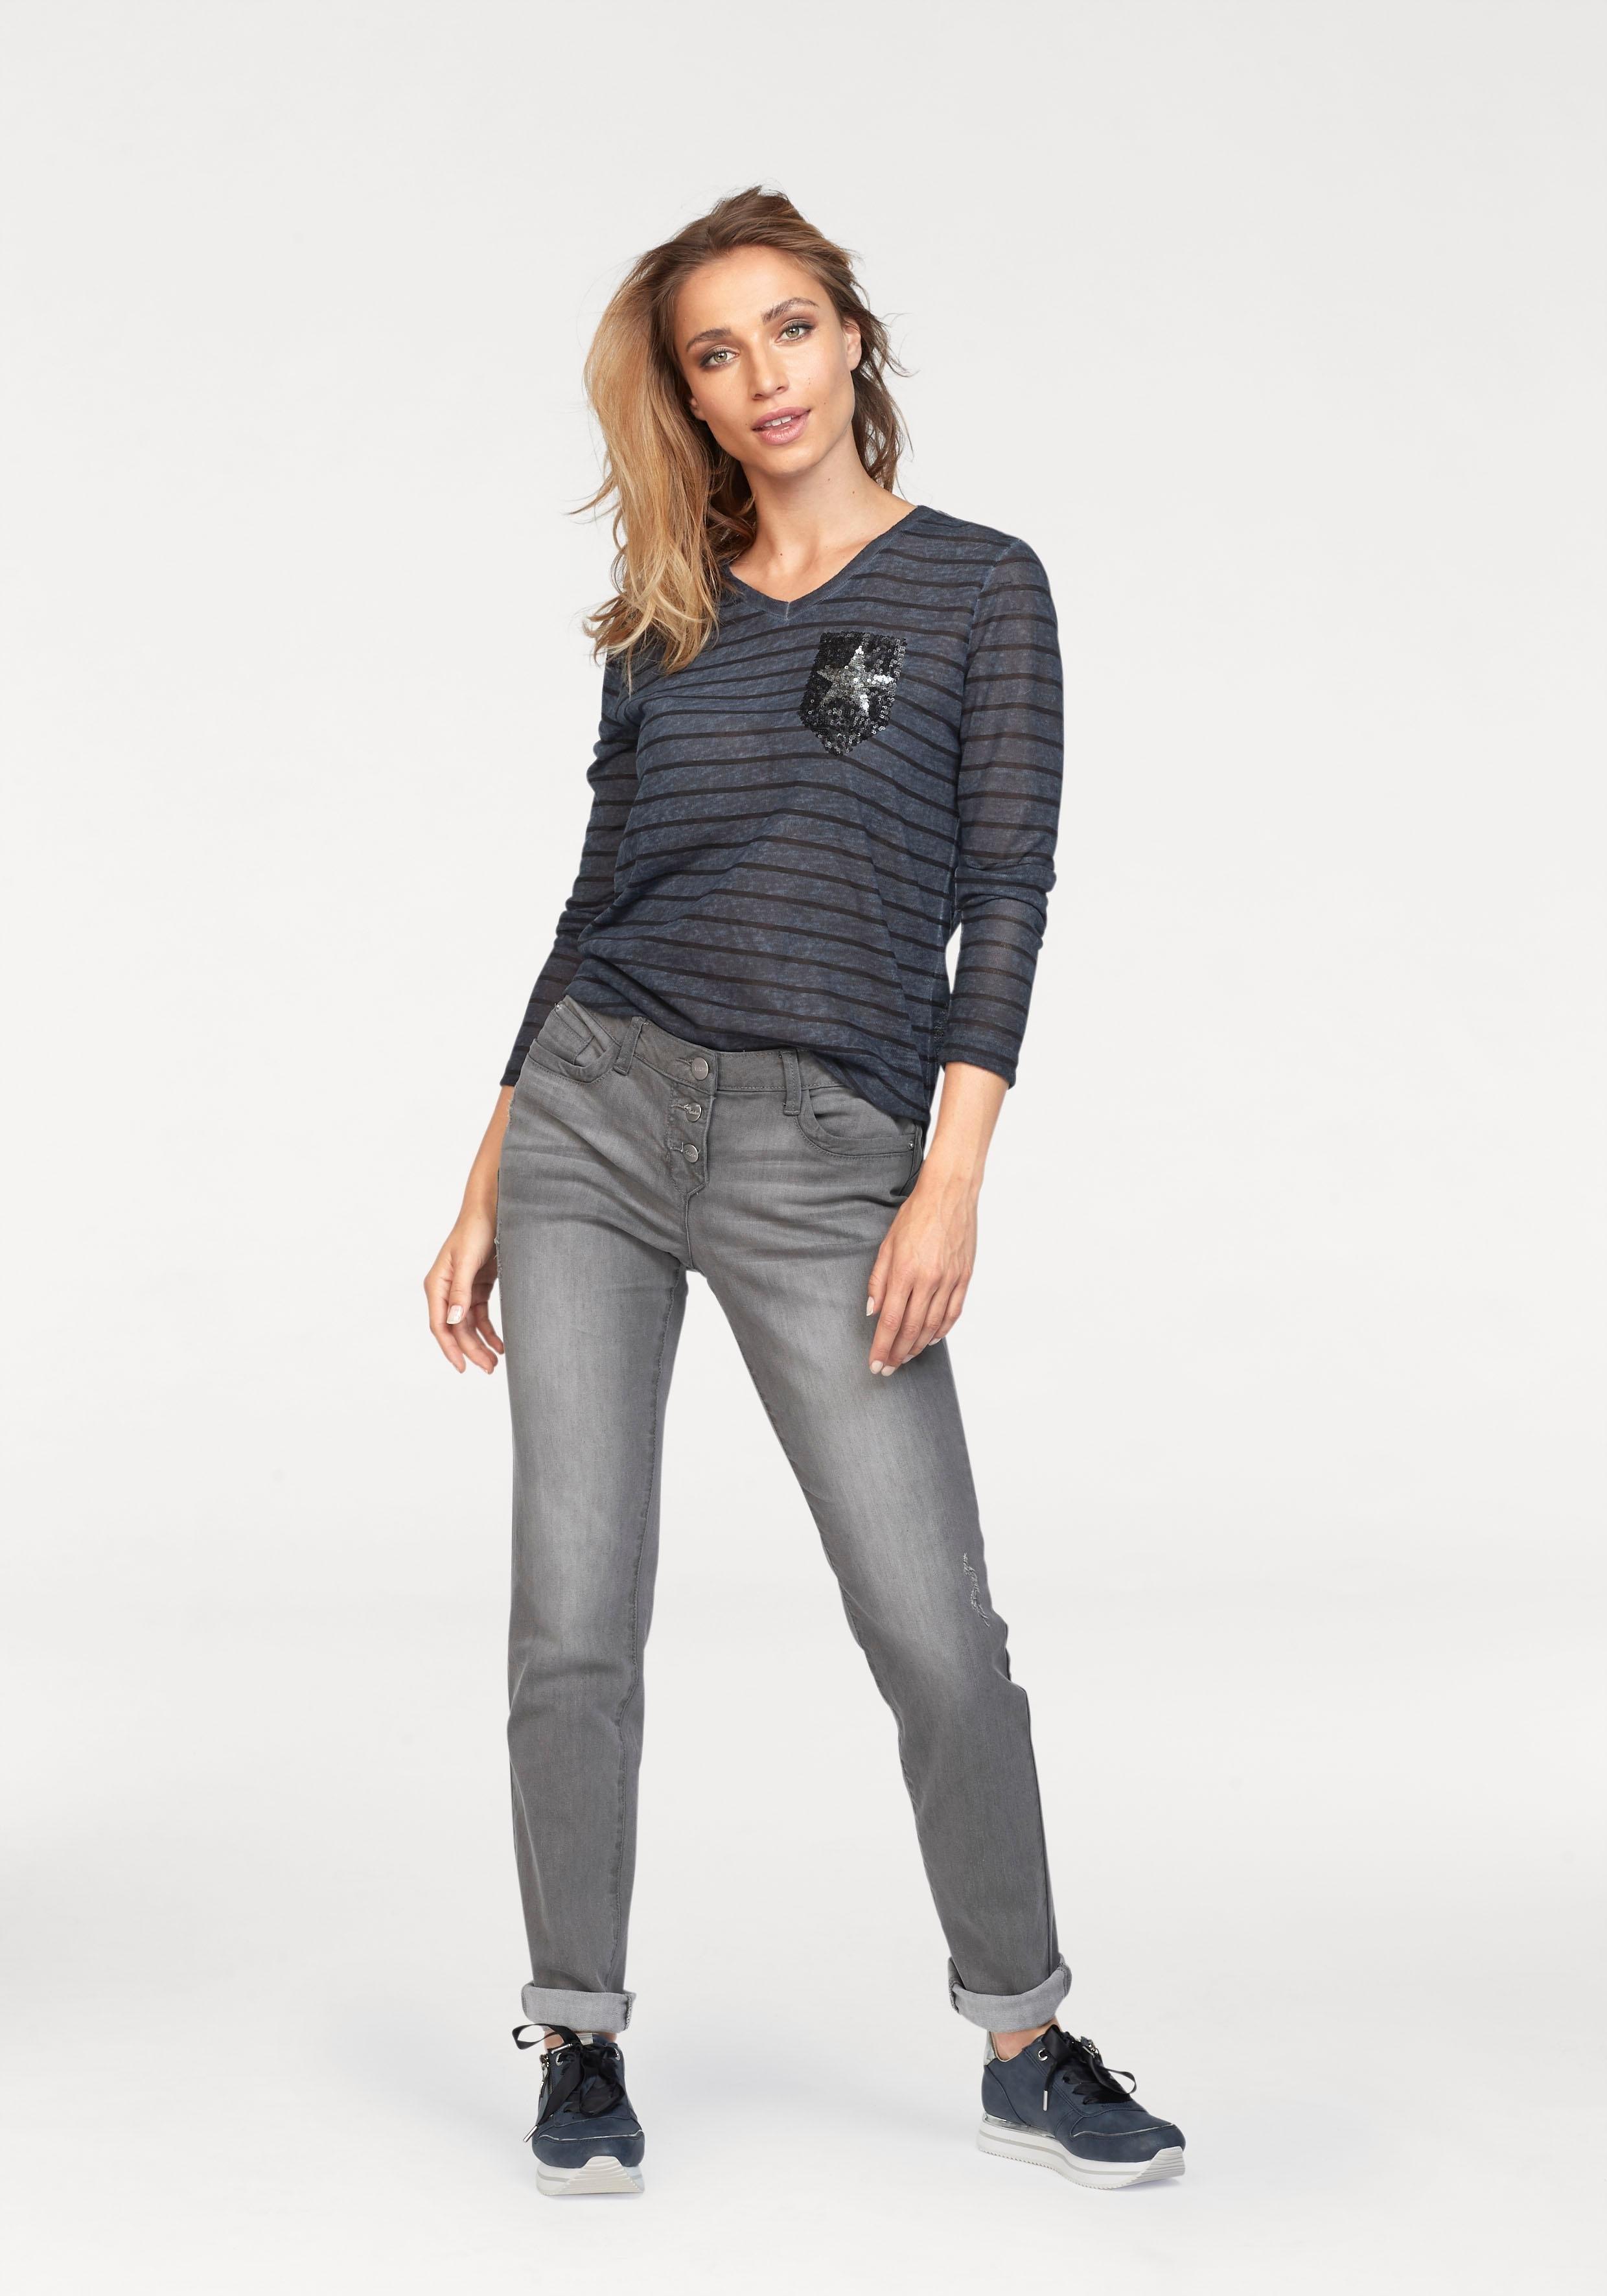 Online Shirt Verkrijgbaar Lange Met Aniston Mouwen w8knO0PX